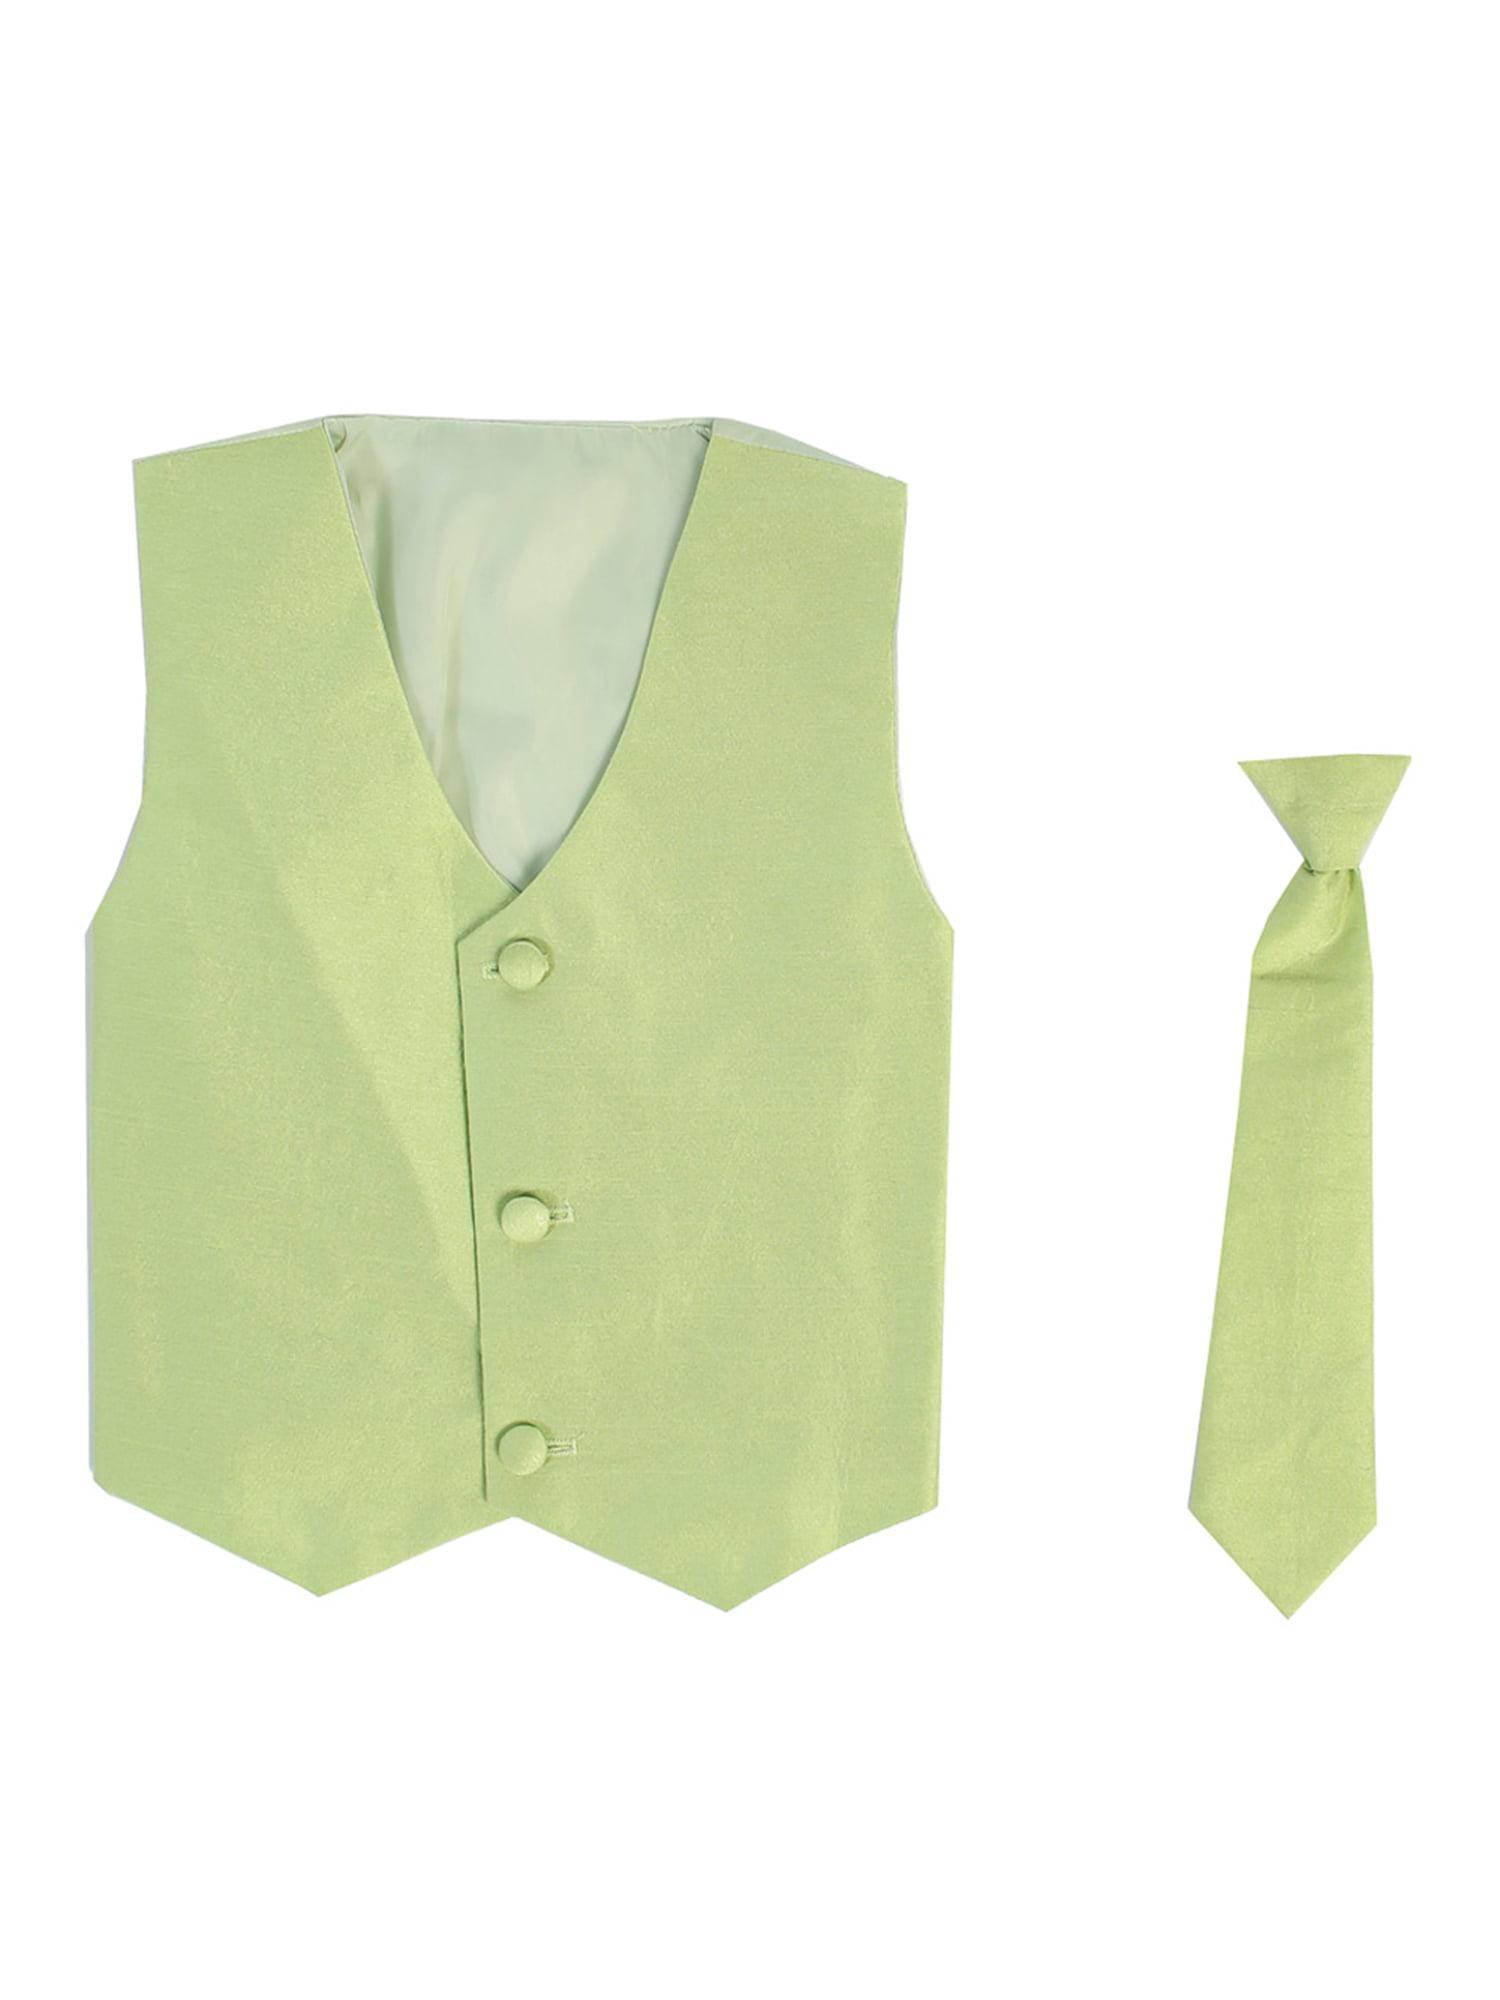 Vest and Clip On Baby Boy Necktie set - GOLD - L/XL (12-24 Months)